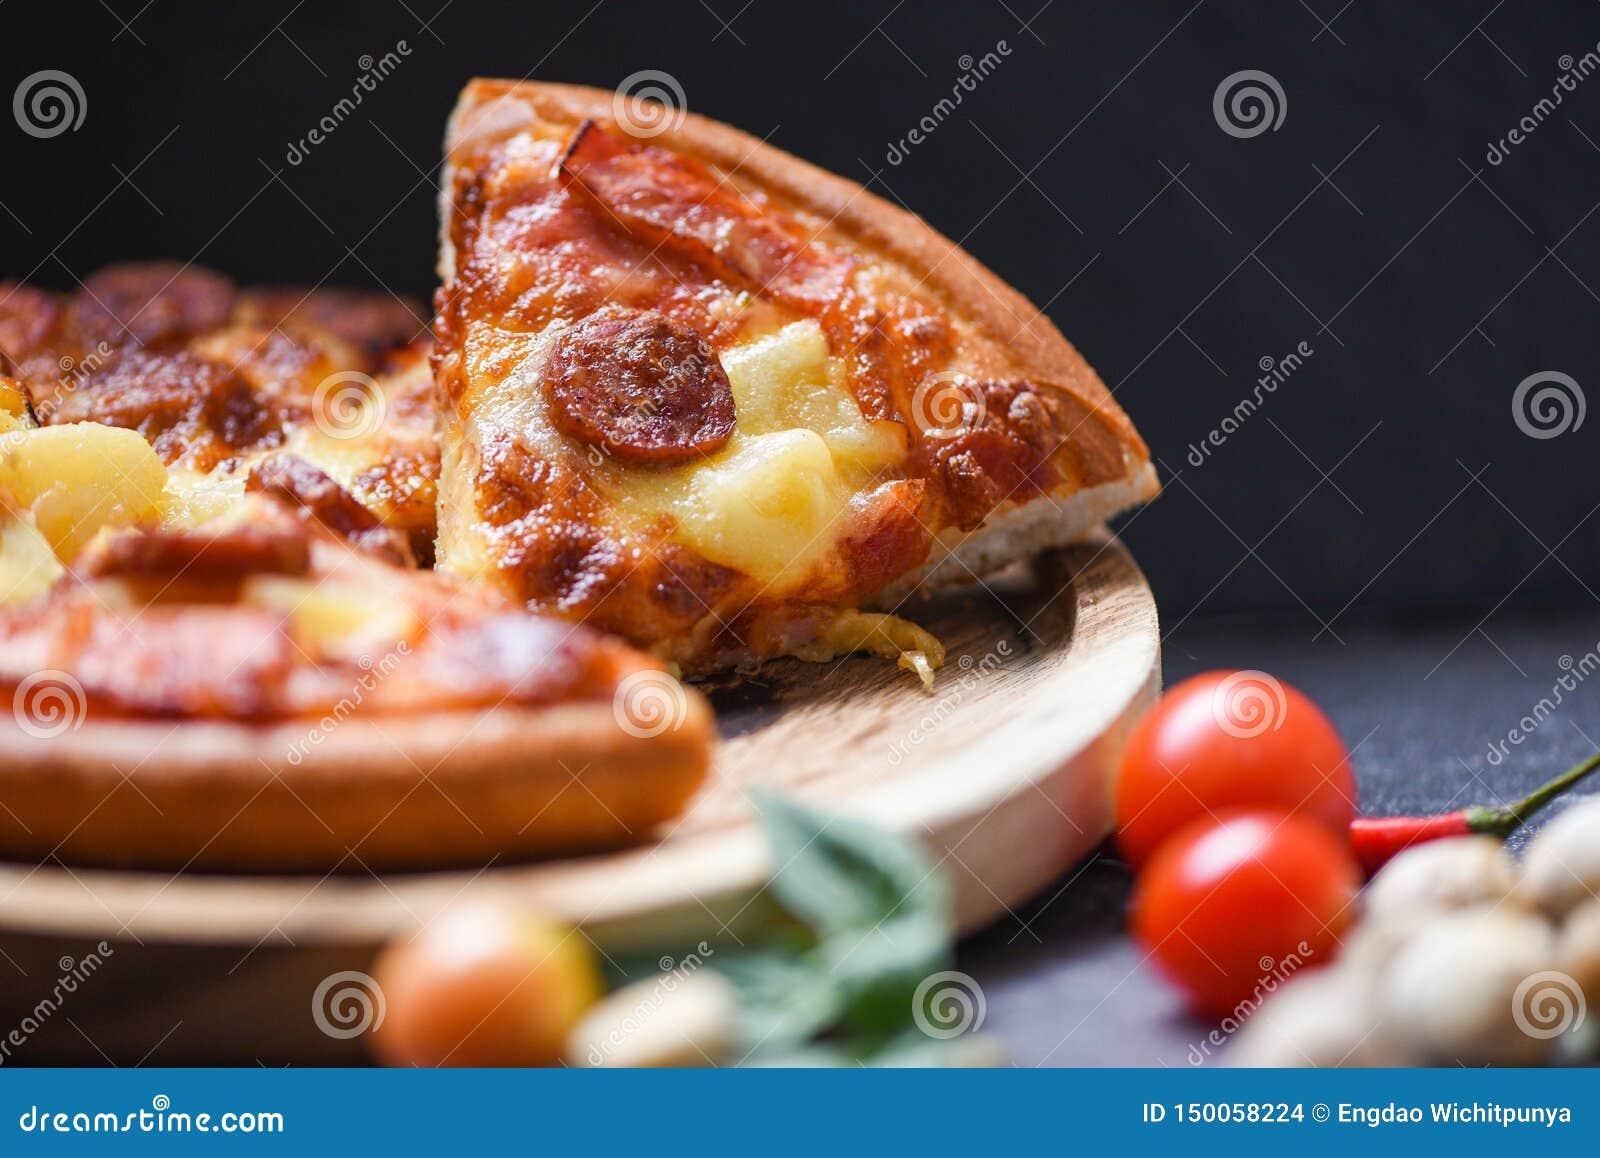 Tranche de pizza sur la feuille en bois de basilic de piments de plateau et de tomate sur fromage traditionnel italien savoureux